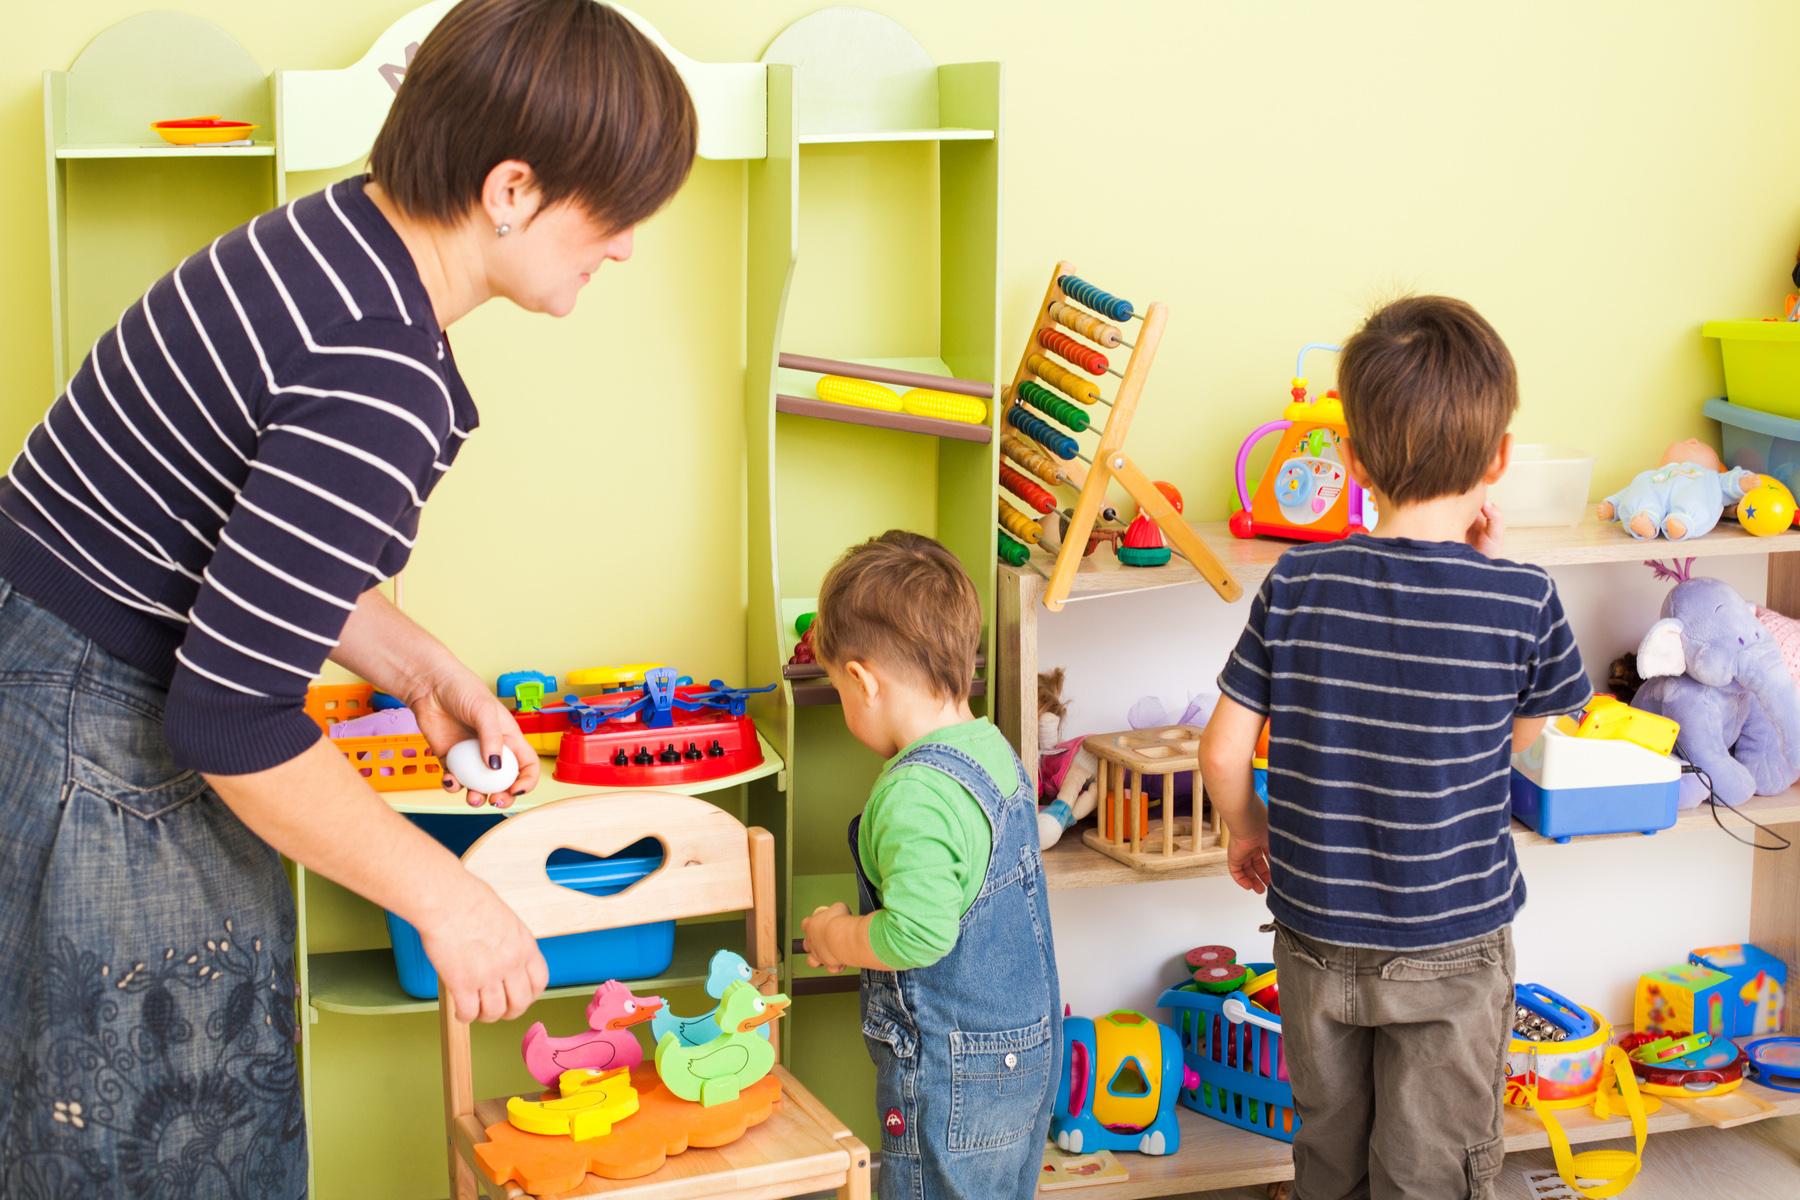 Kids tidying up